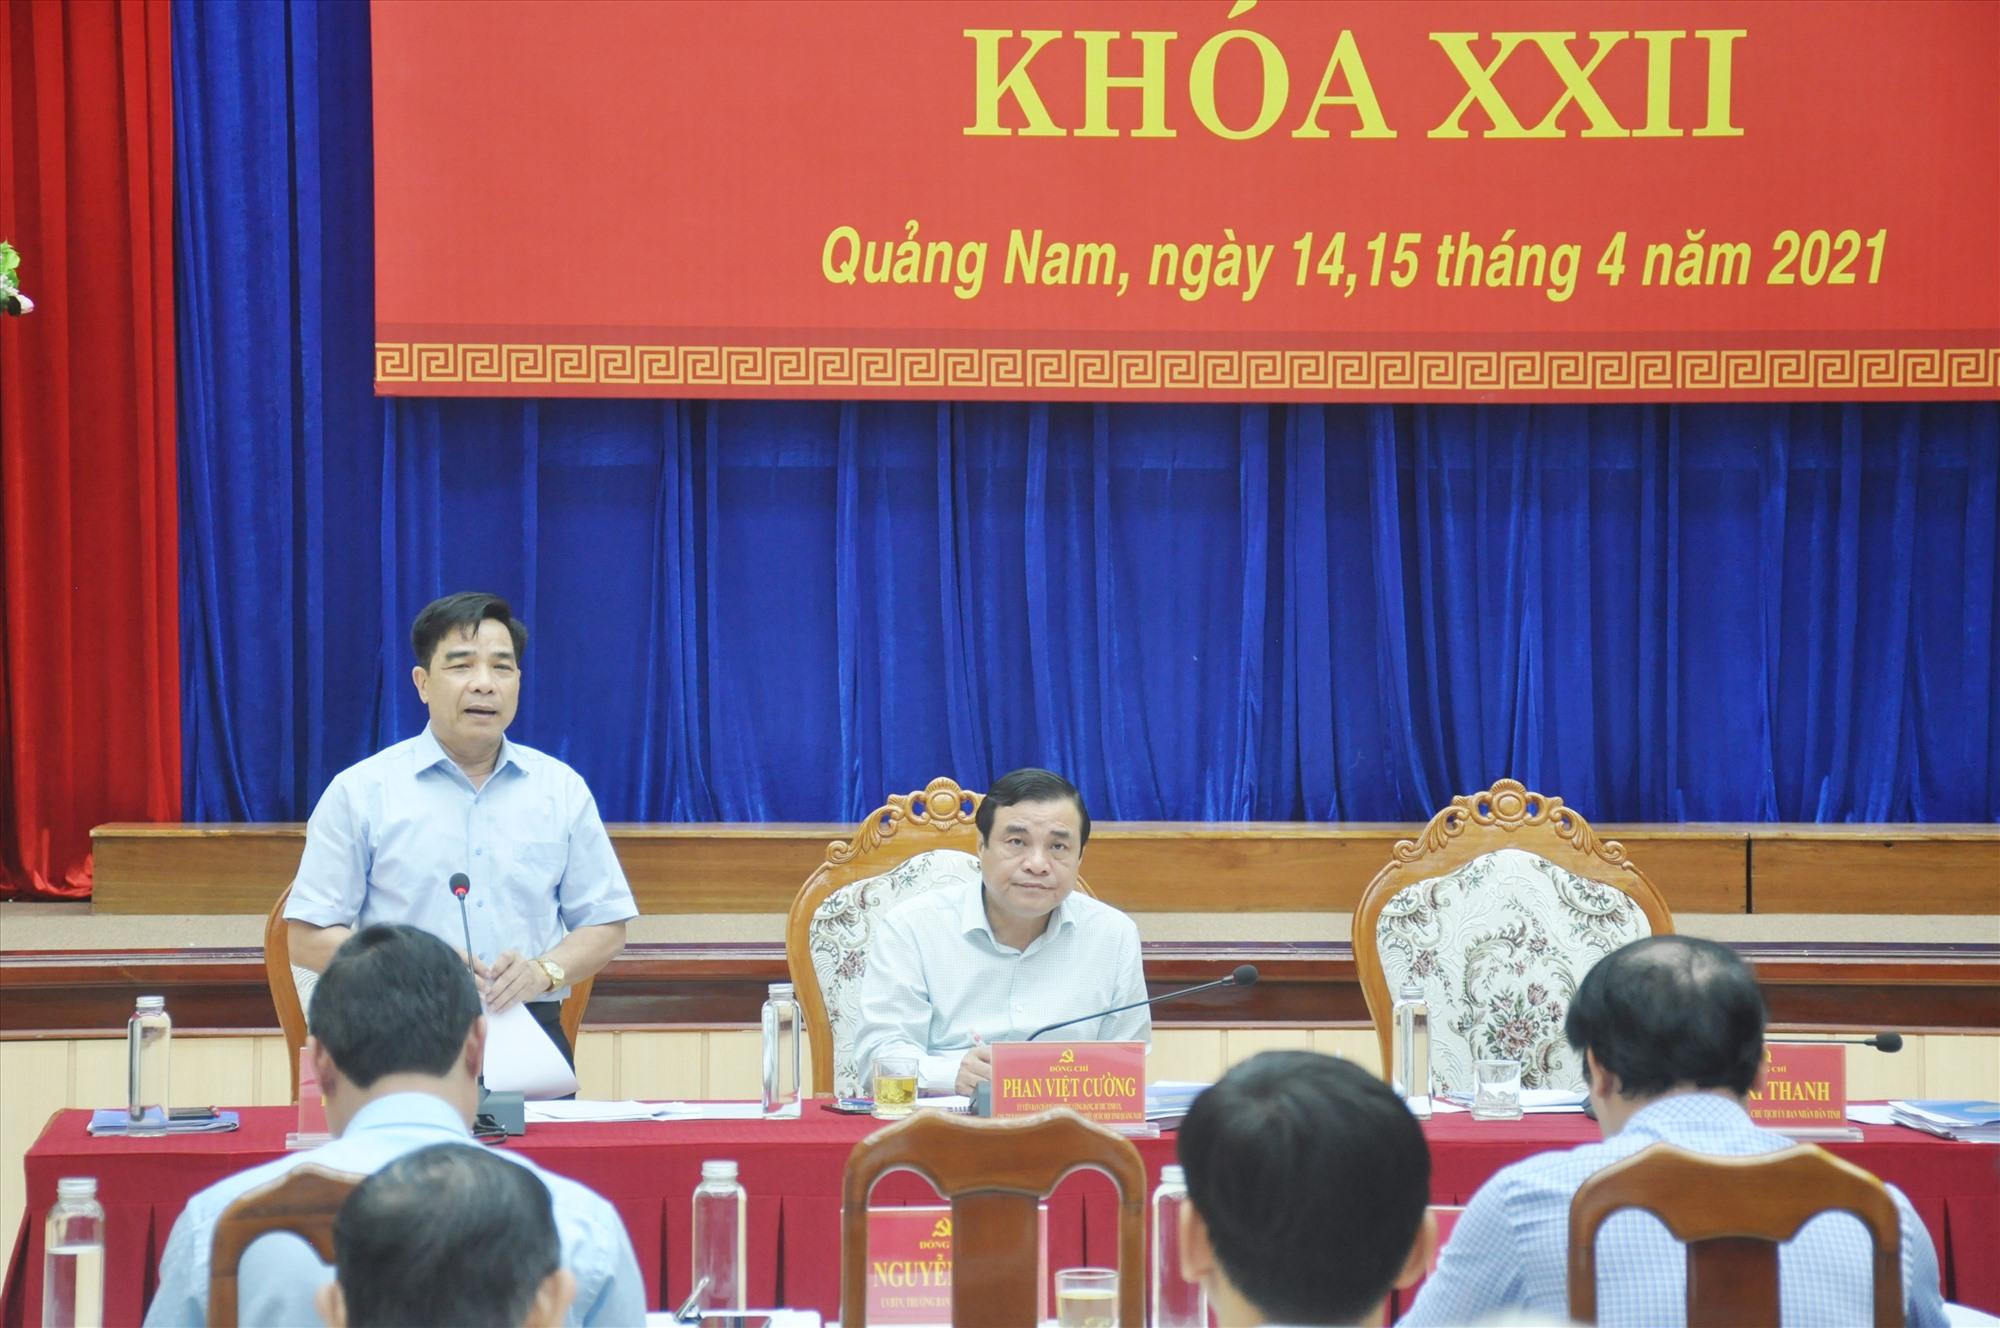 Phó Bí thư thường trực Tỉnh ủy Lê Văn Dũng điều hành thảo luận chung tại hội trường sáng nay 15.4. Ảnh: N.Đ